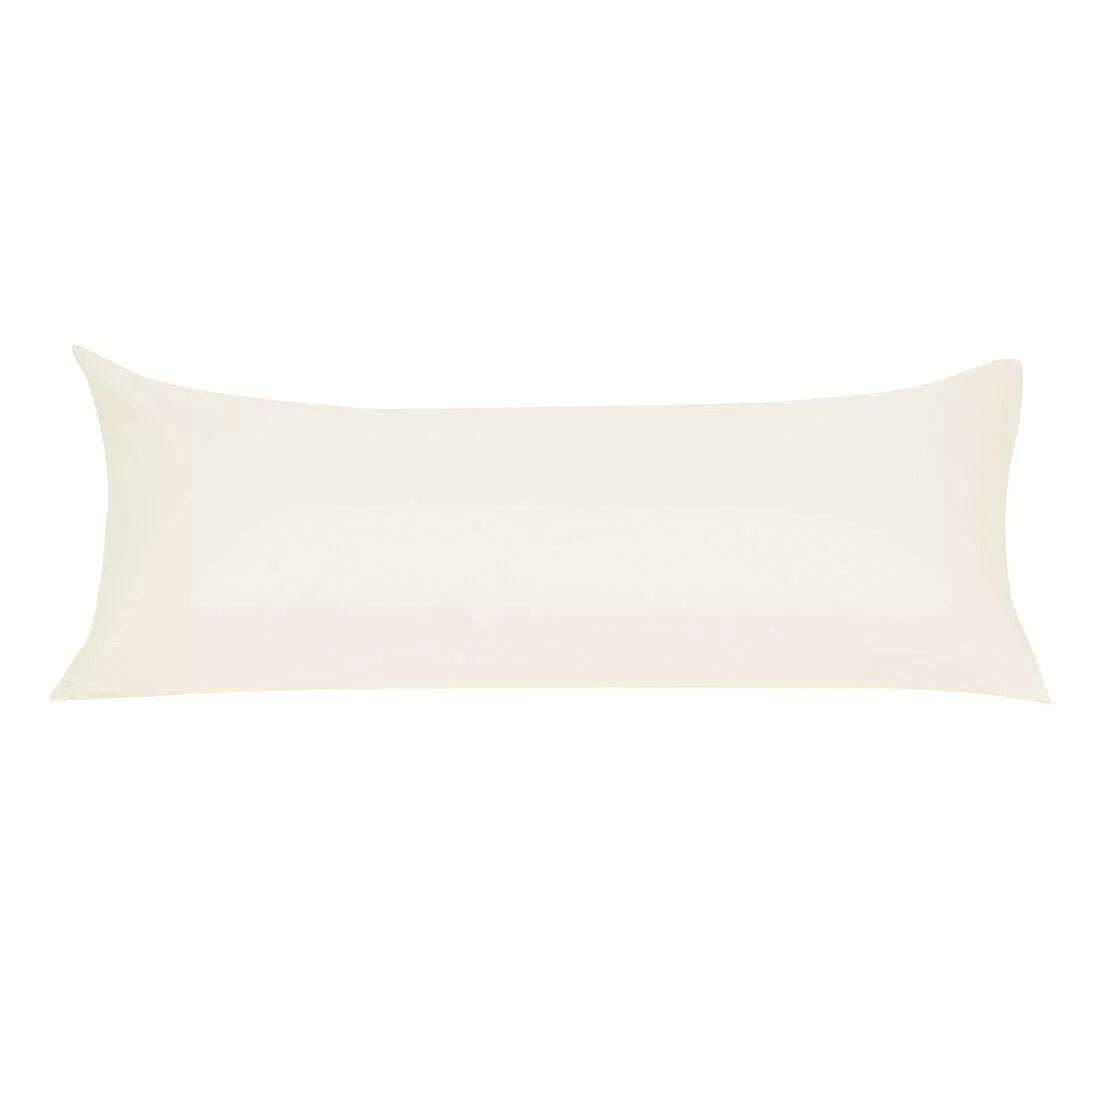 body pillows walmart com